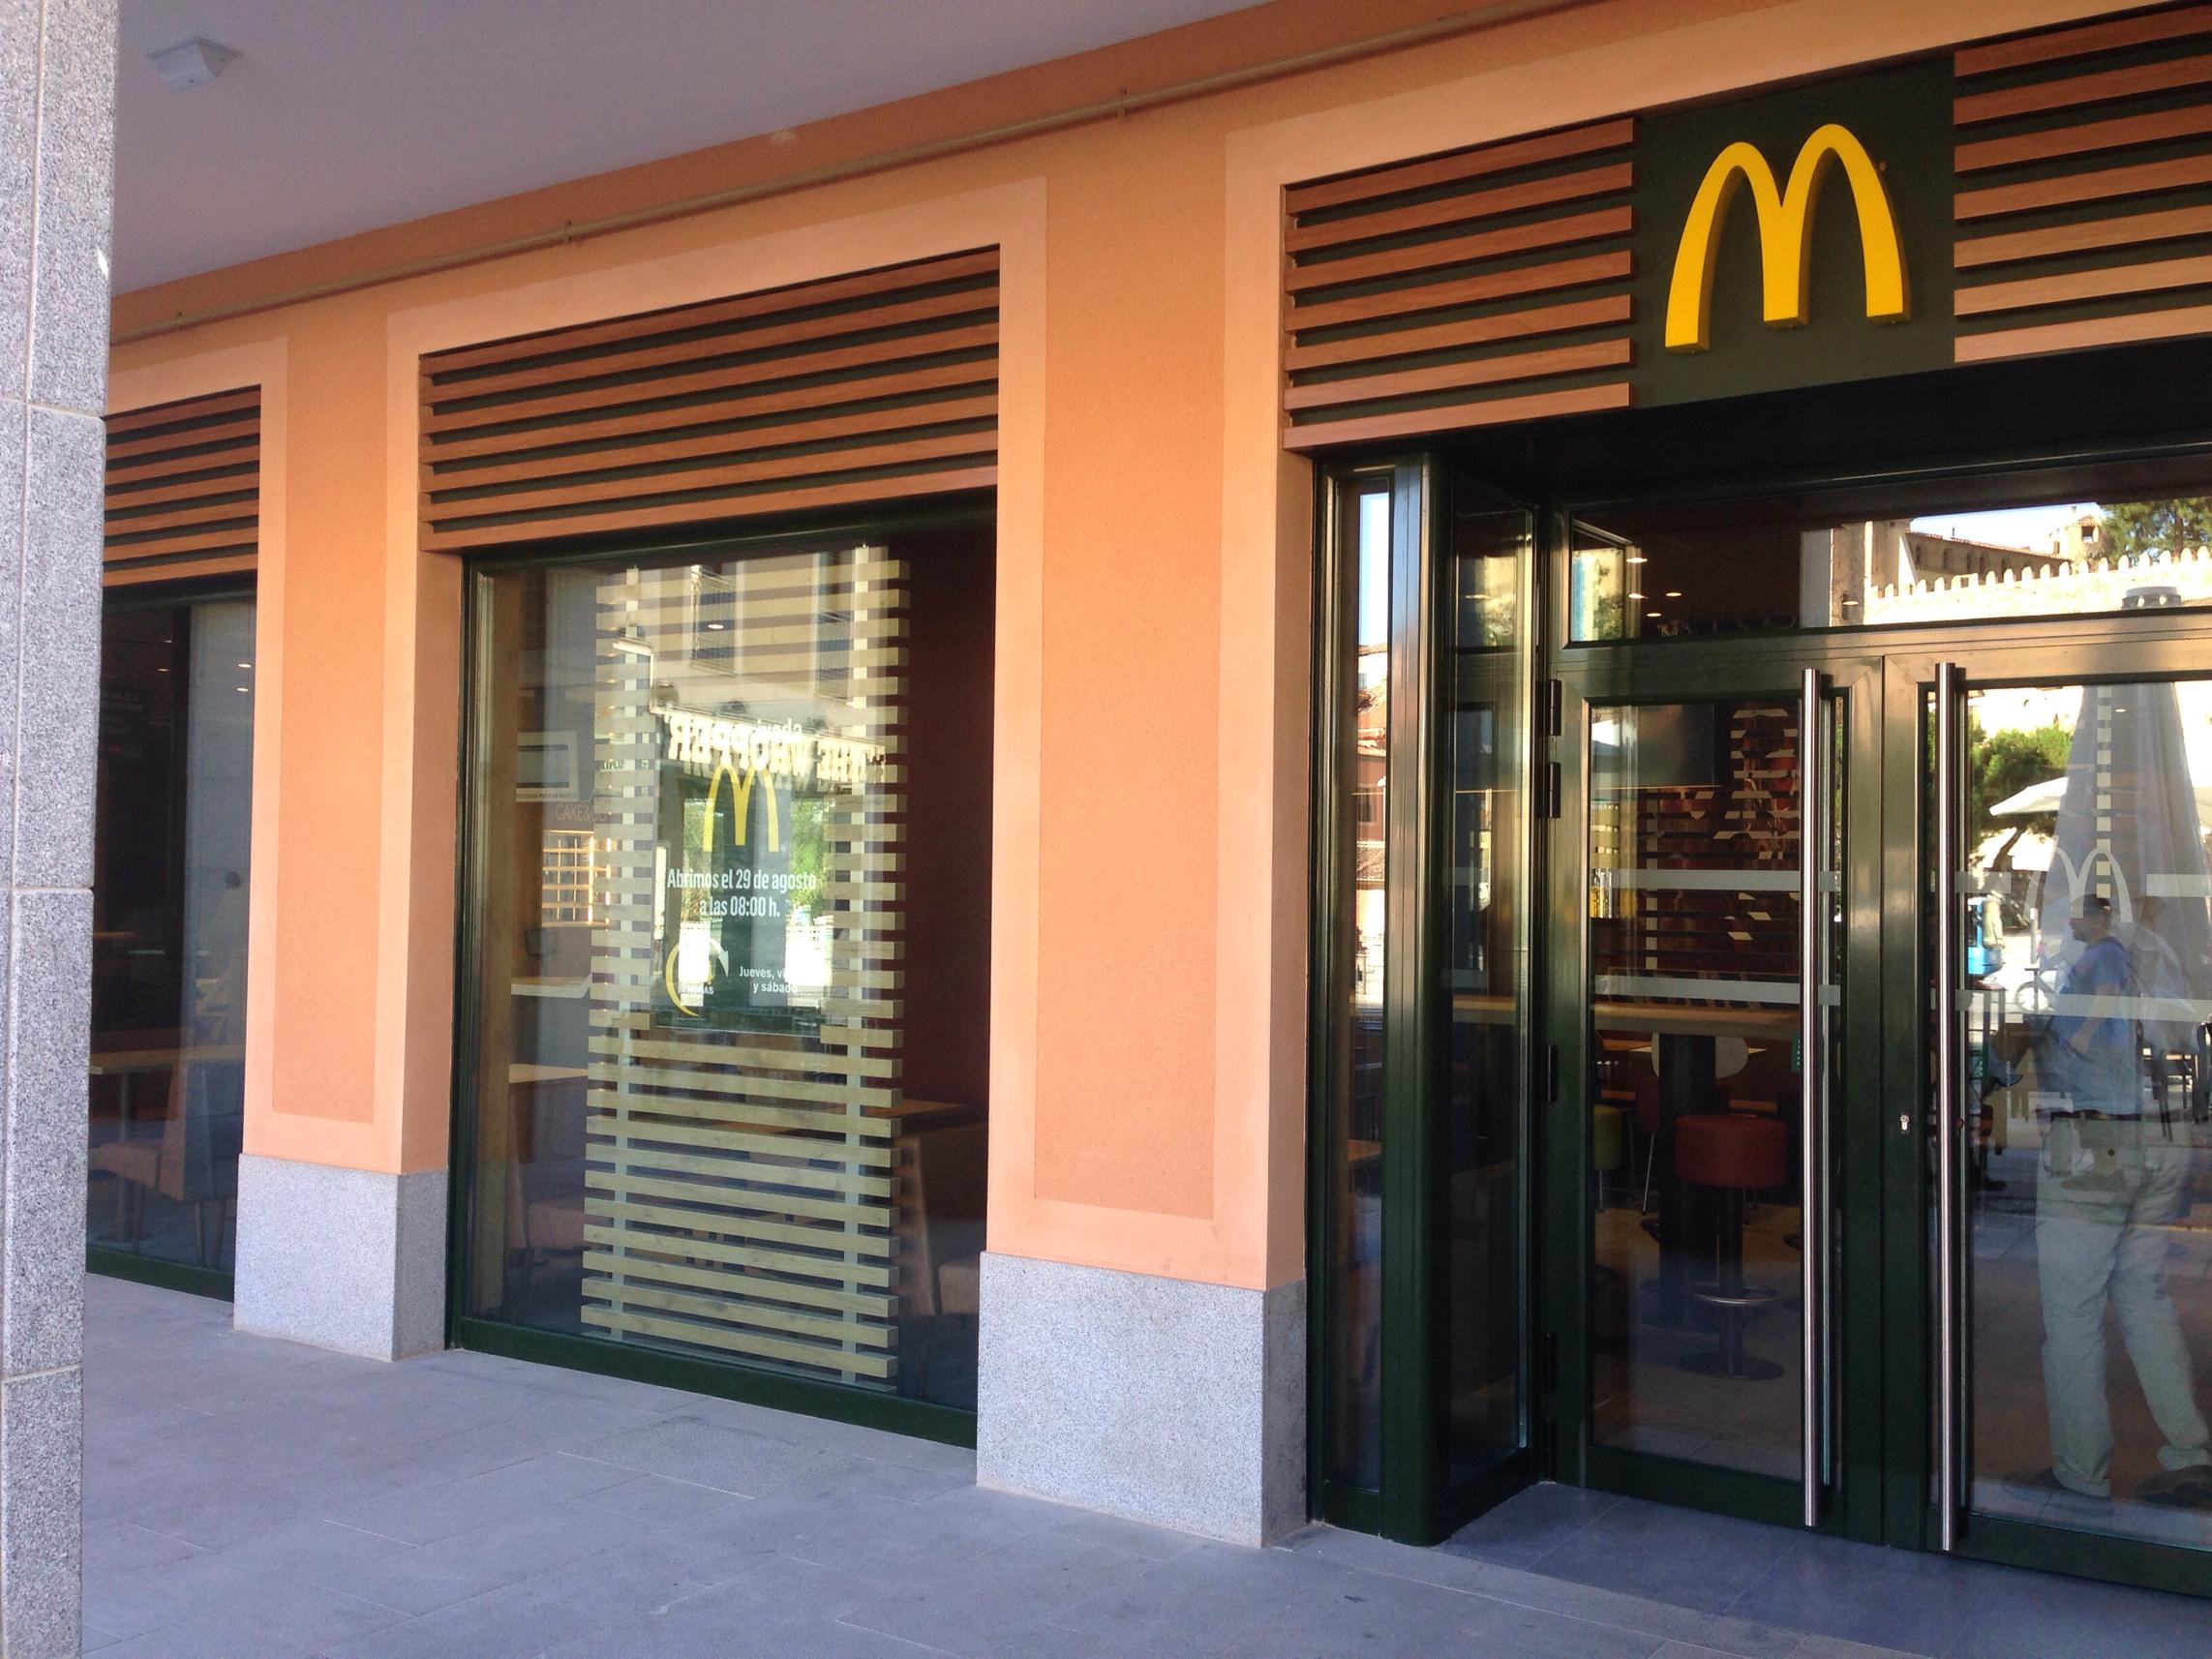 140828 inauguración McDonald Segovia 5